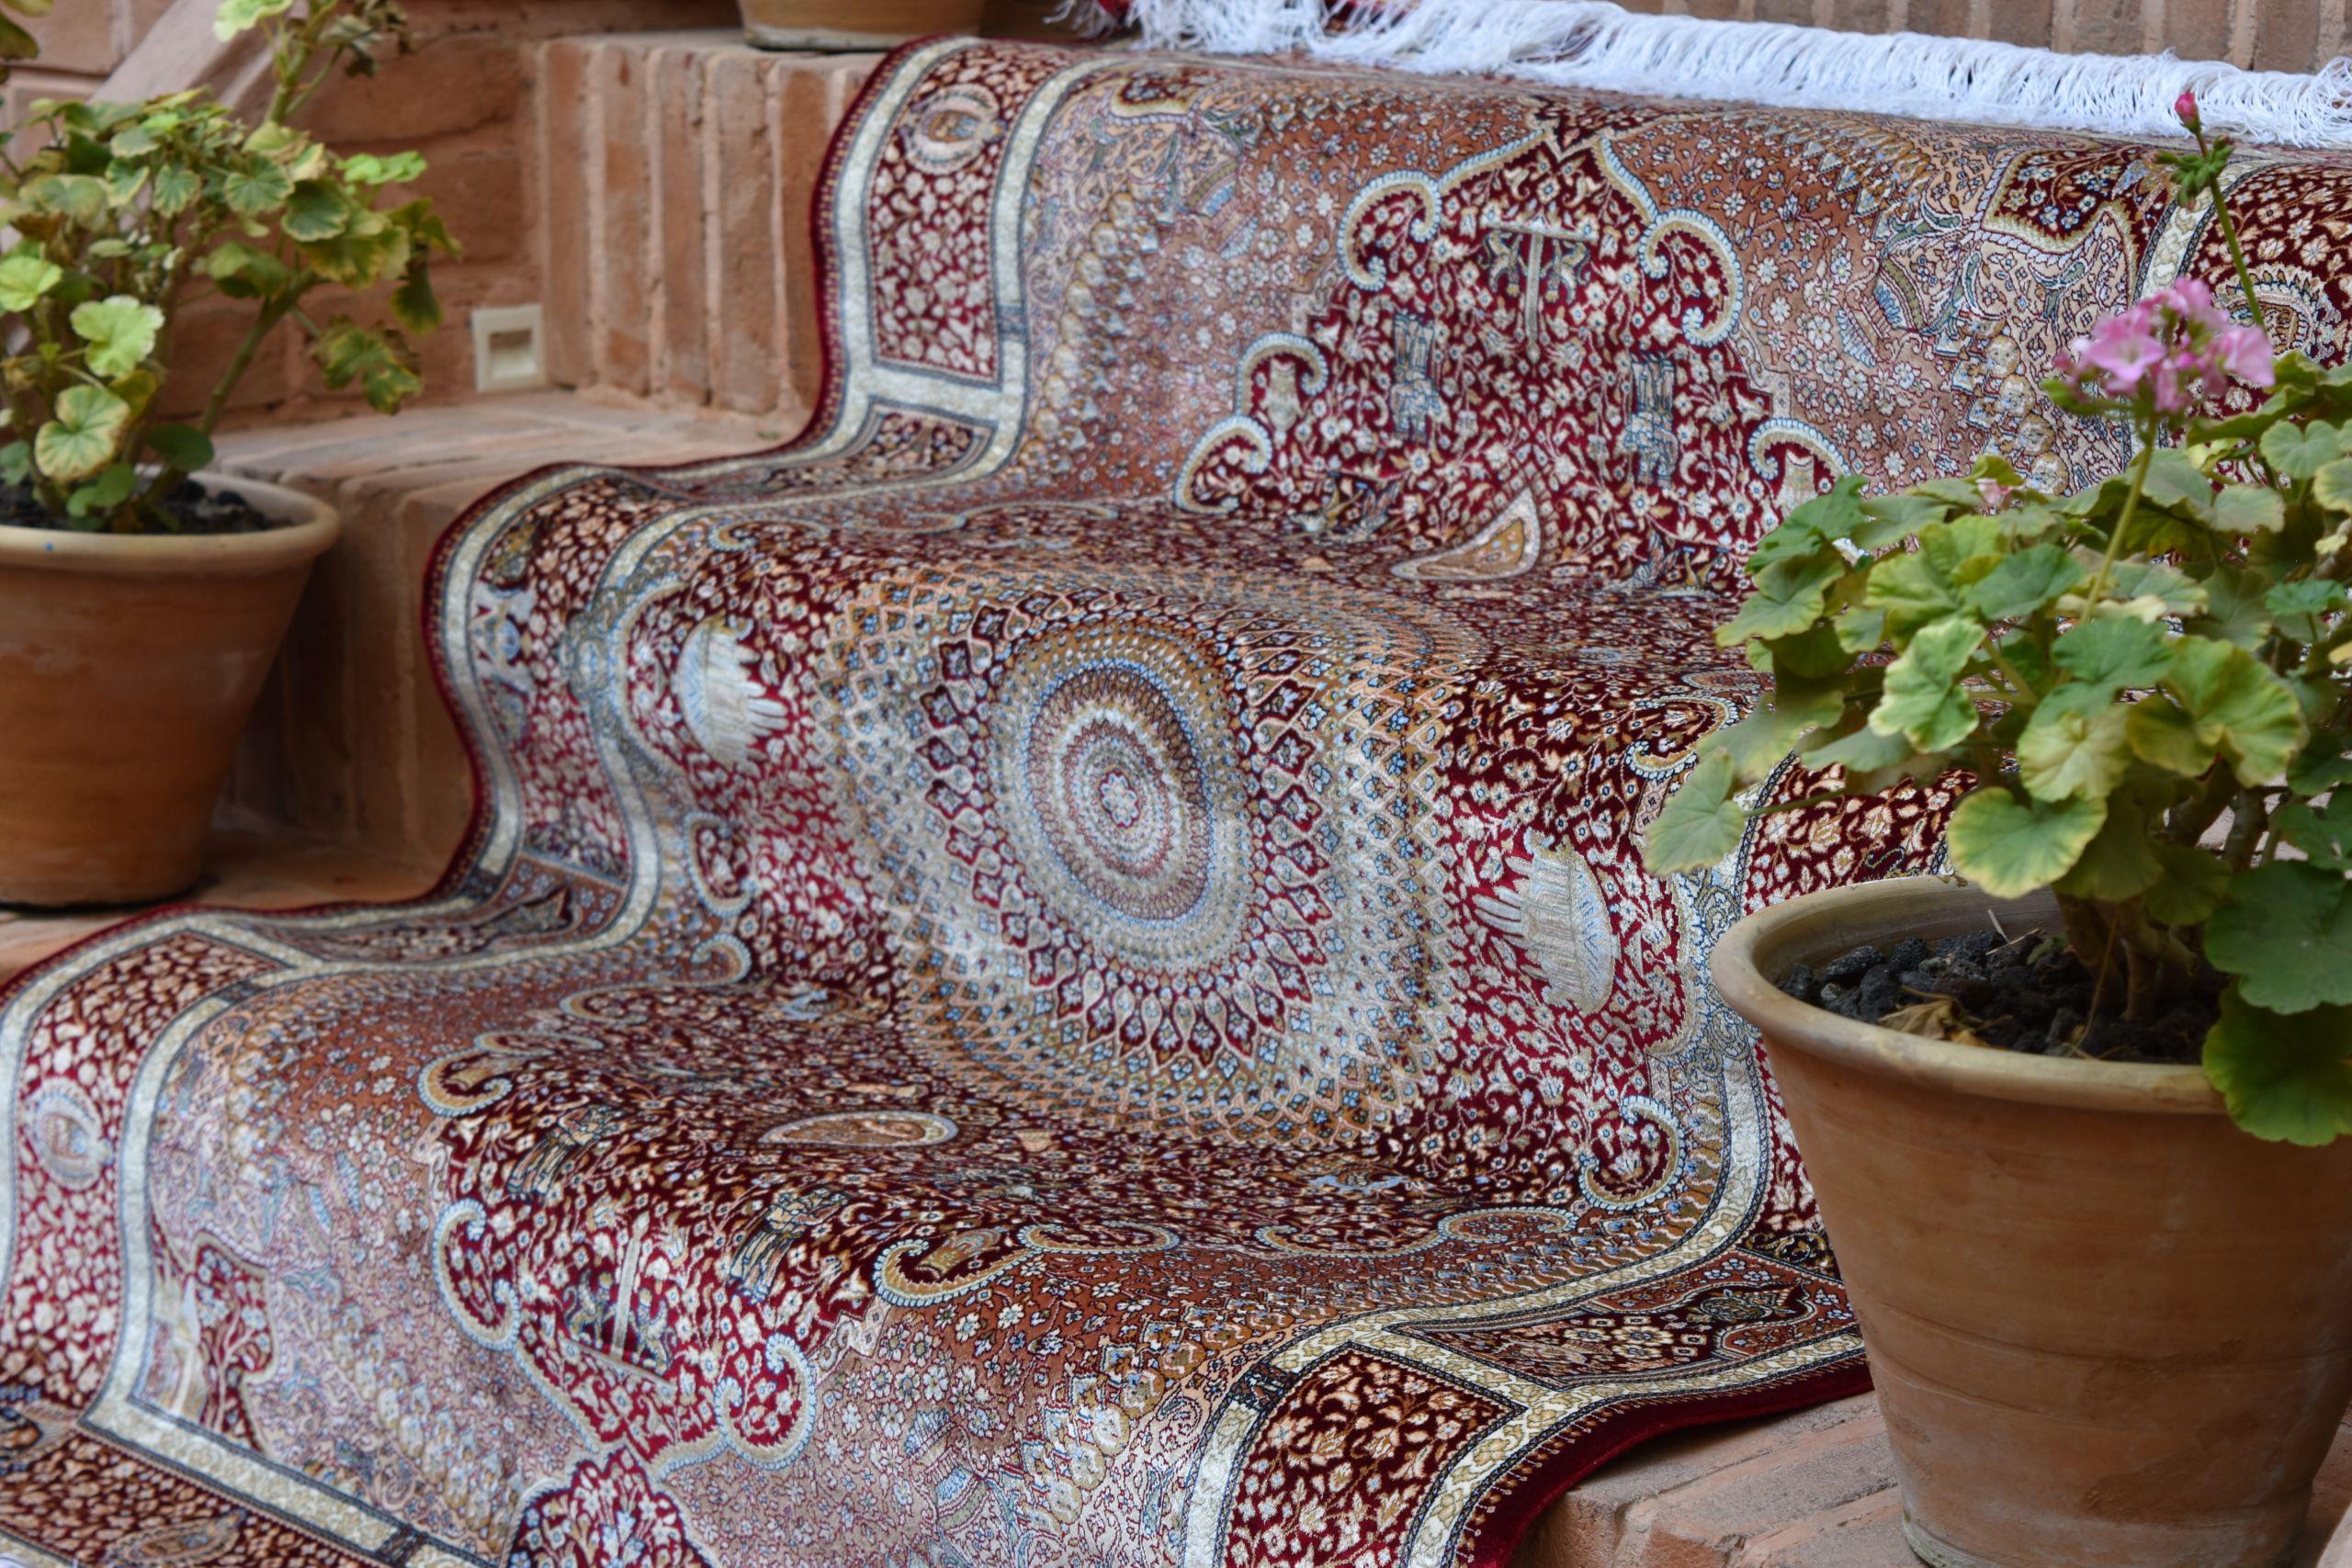 استفاده از فرش دستبافت گونه در دکوراسیون داخلی | فرش اکسیر